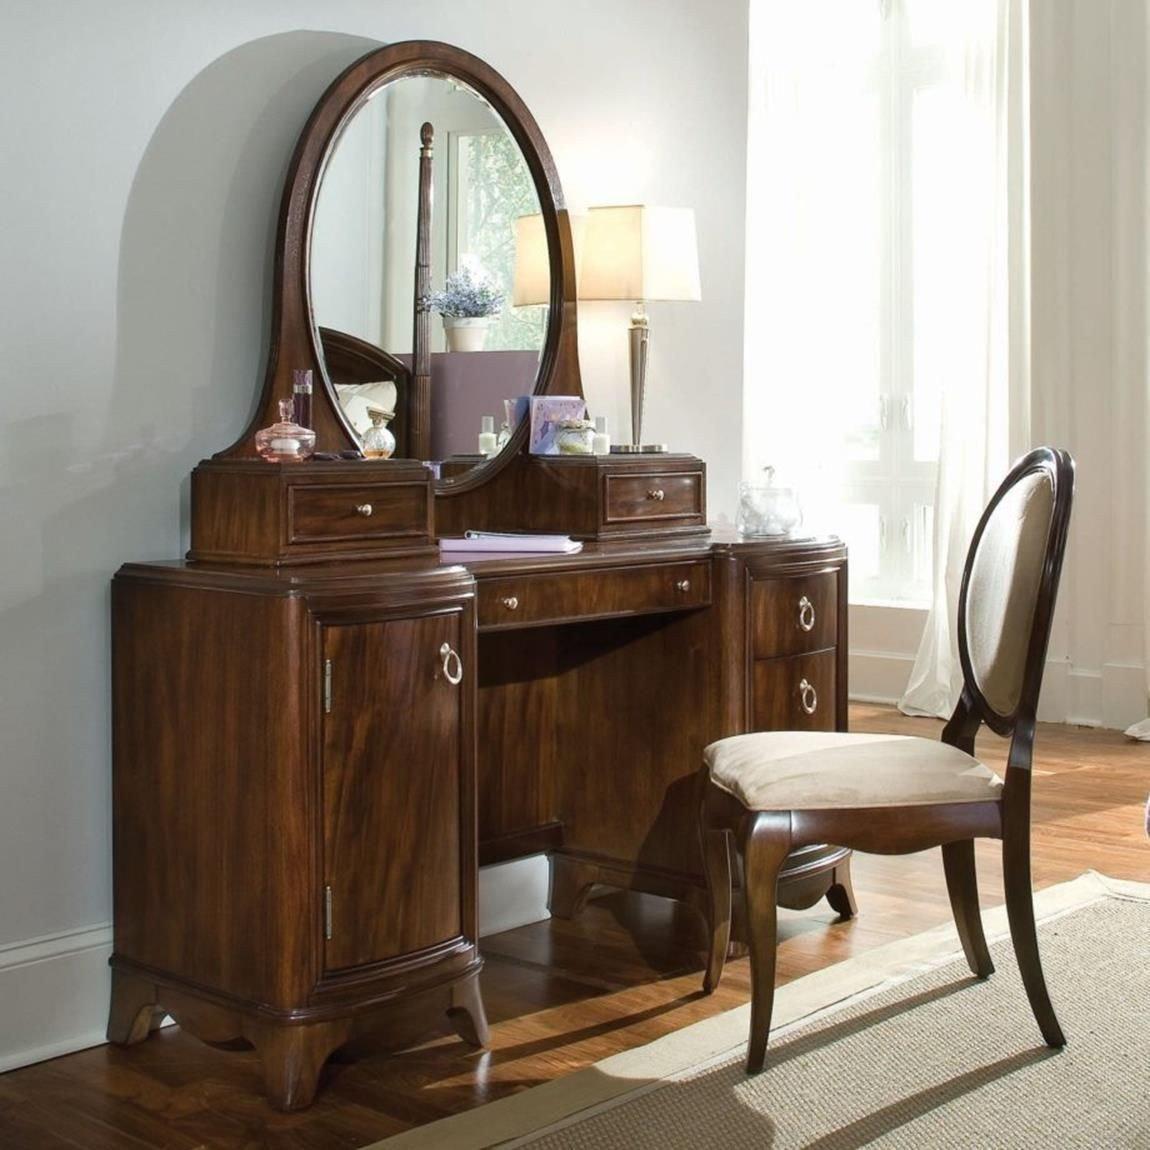 Bedroom Vanities with Light Elegant Bedroom Vanity Set with Lights Around Mirror 16